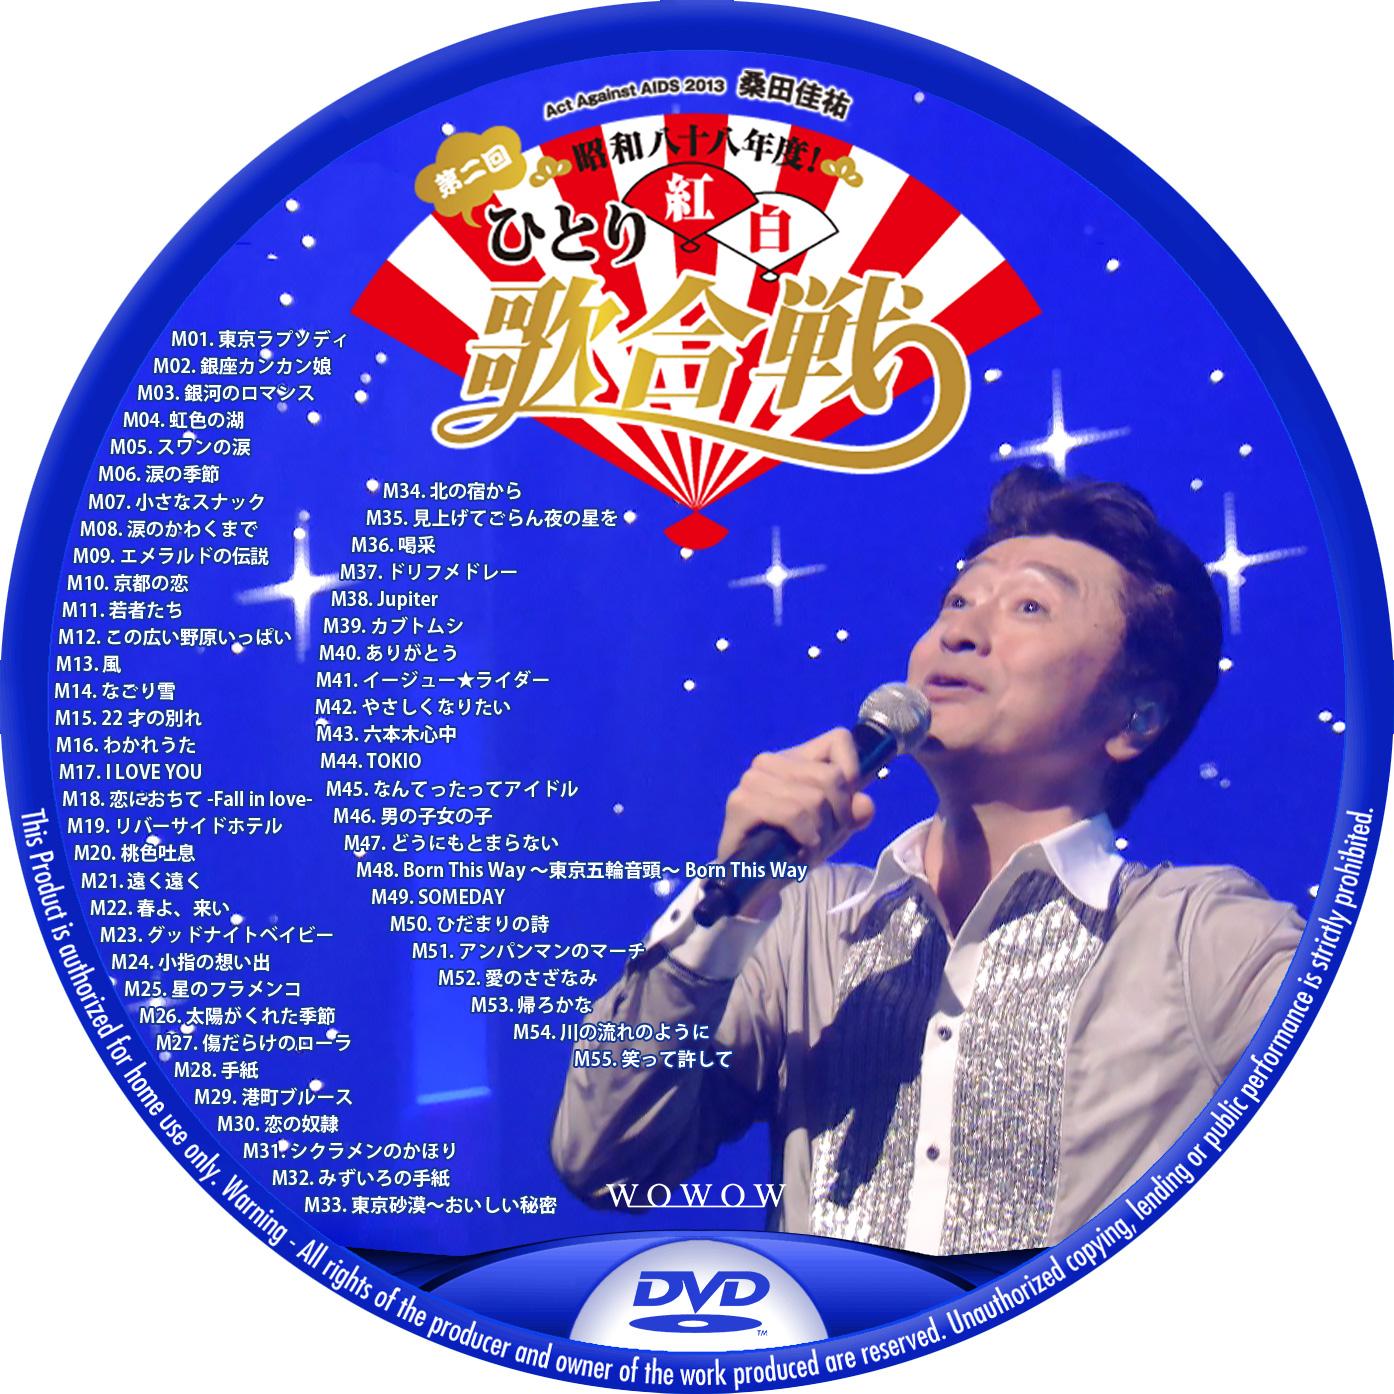 ひとり紅白歌合戦 DVDラベル03